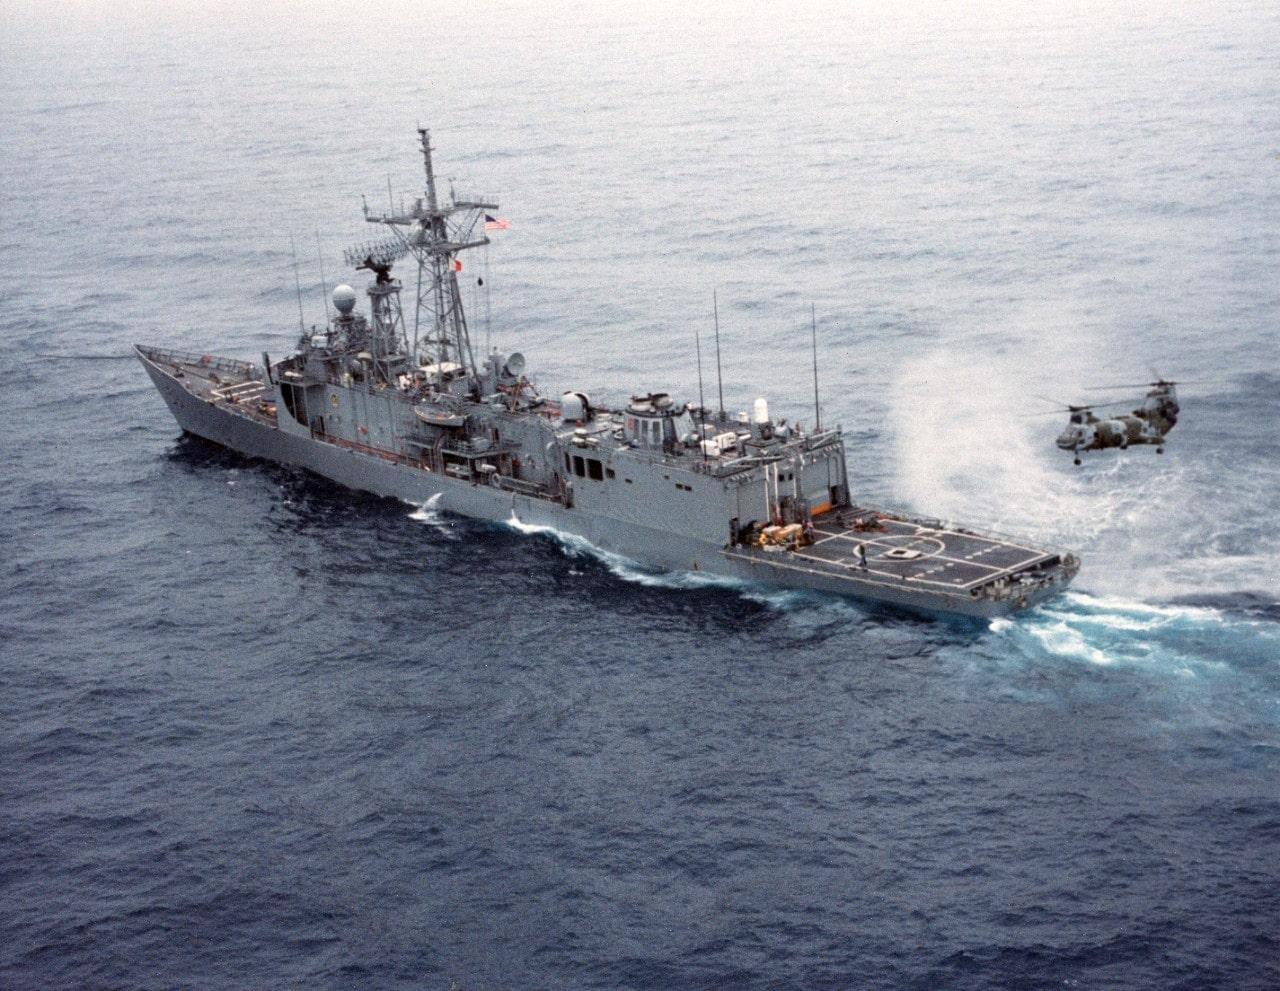 Η τεράστια και «άγνωστη» ναυμαχία μετά τον Β' Παγκόσμιο Πόλεμο (pics,vid)